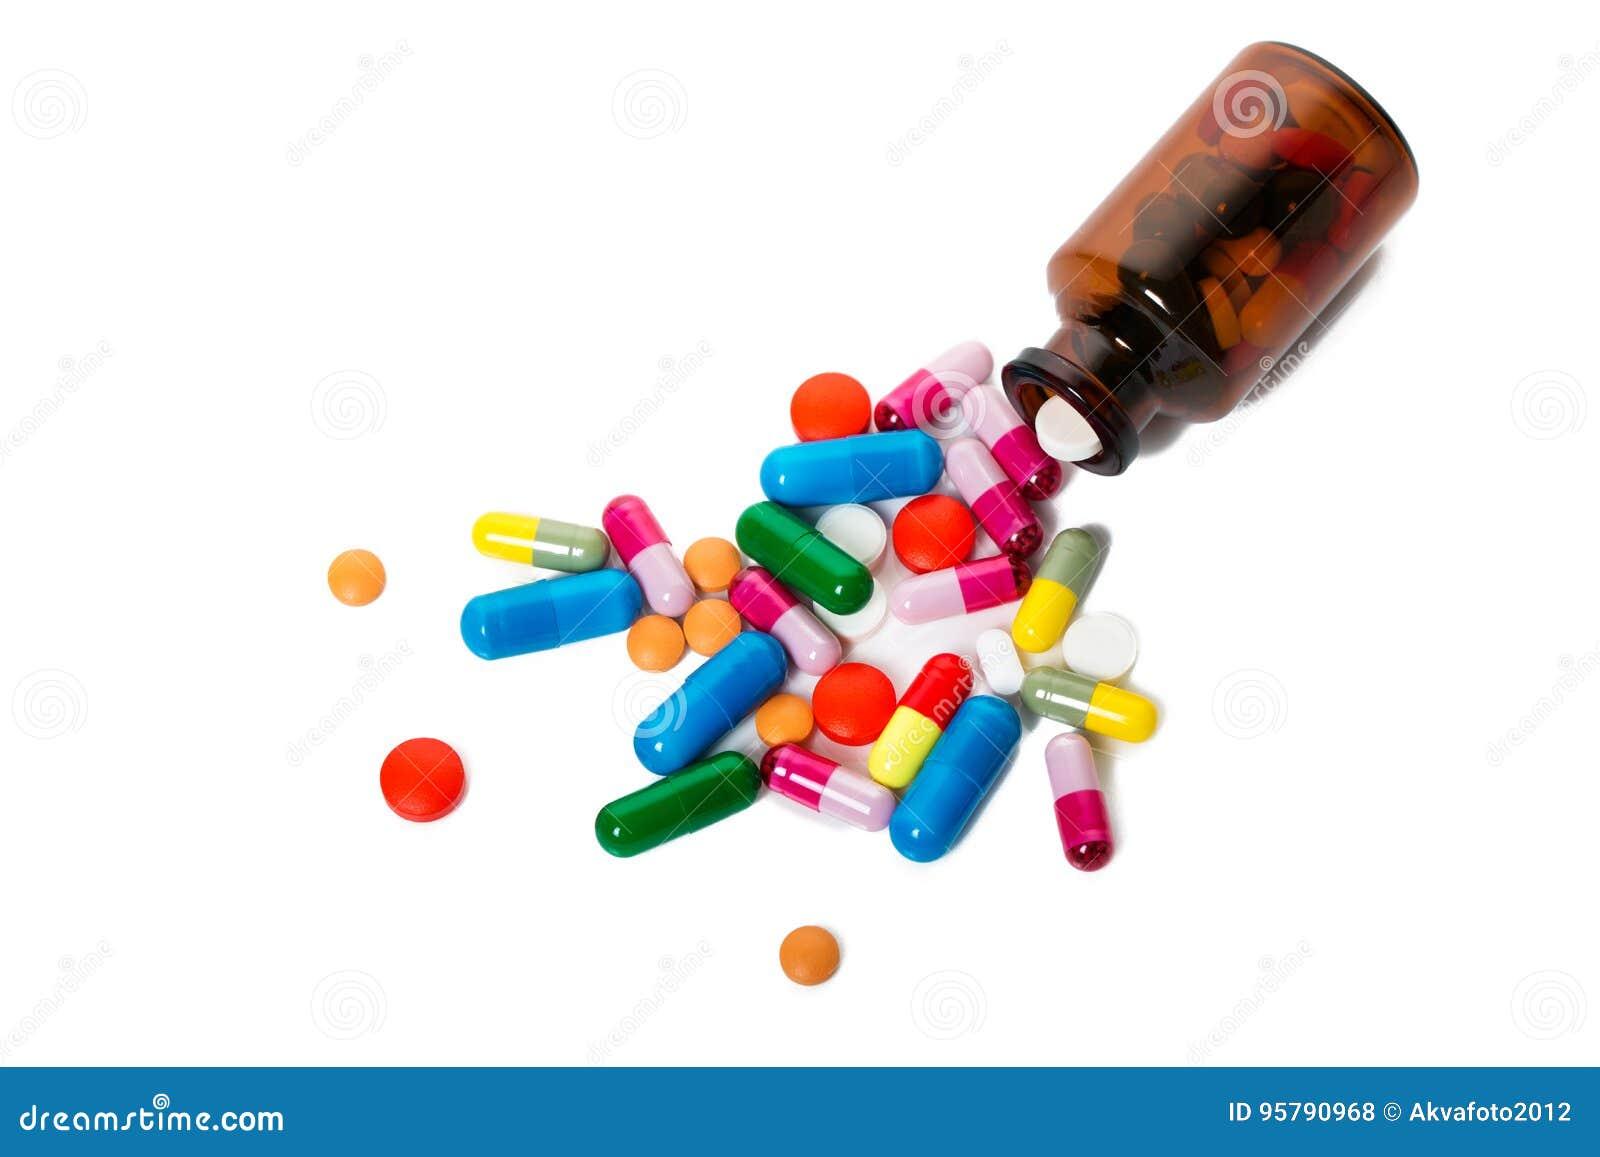 Ανάμεικτα φαρμακευτικά χάπια, ταμπλέτες και κάψες ιατρικής πέρα από το μαύρο υπόβαθρο